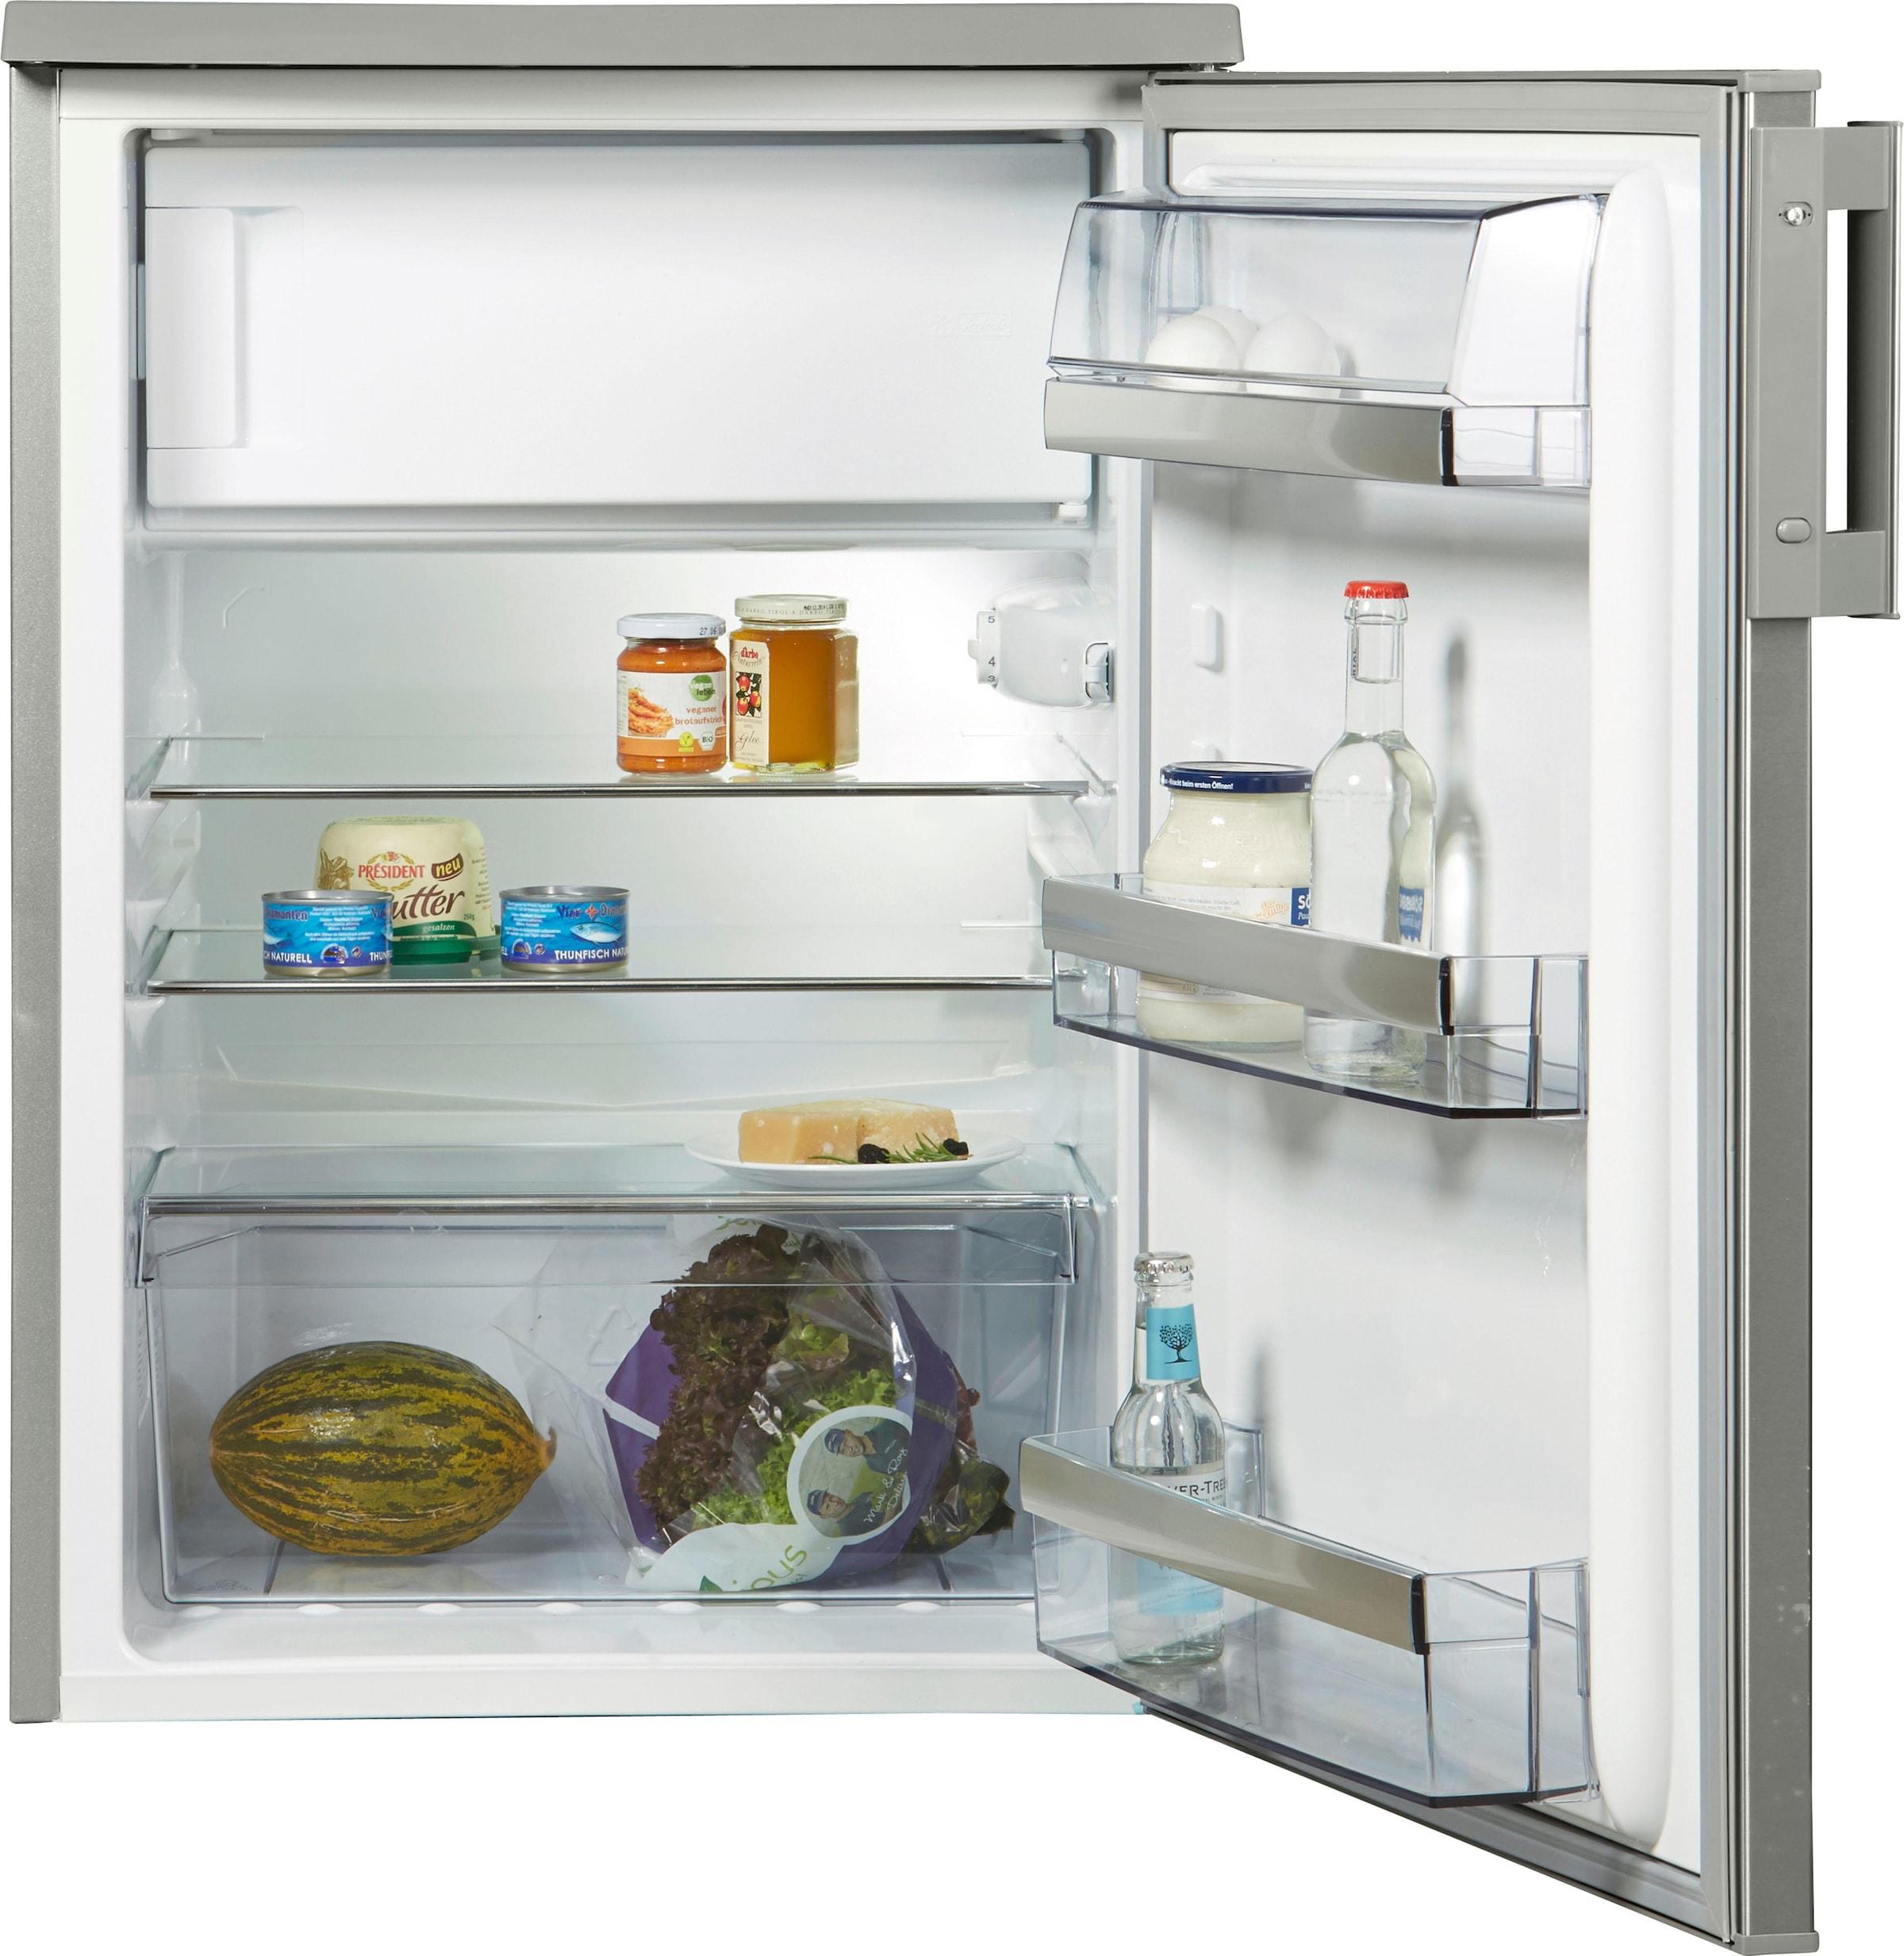 Aeg Kühlschrank Rkb73924mx : Aeg kühlschränke online shop aeg kühlschränke kaufen baur